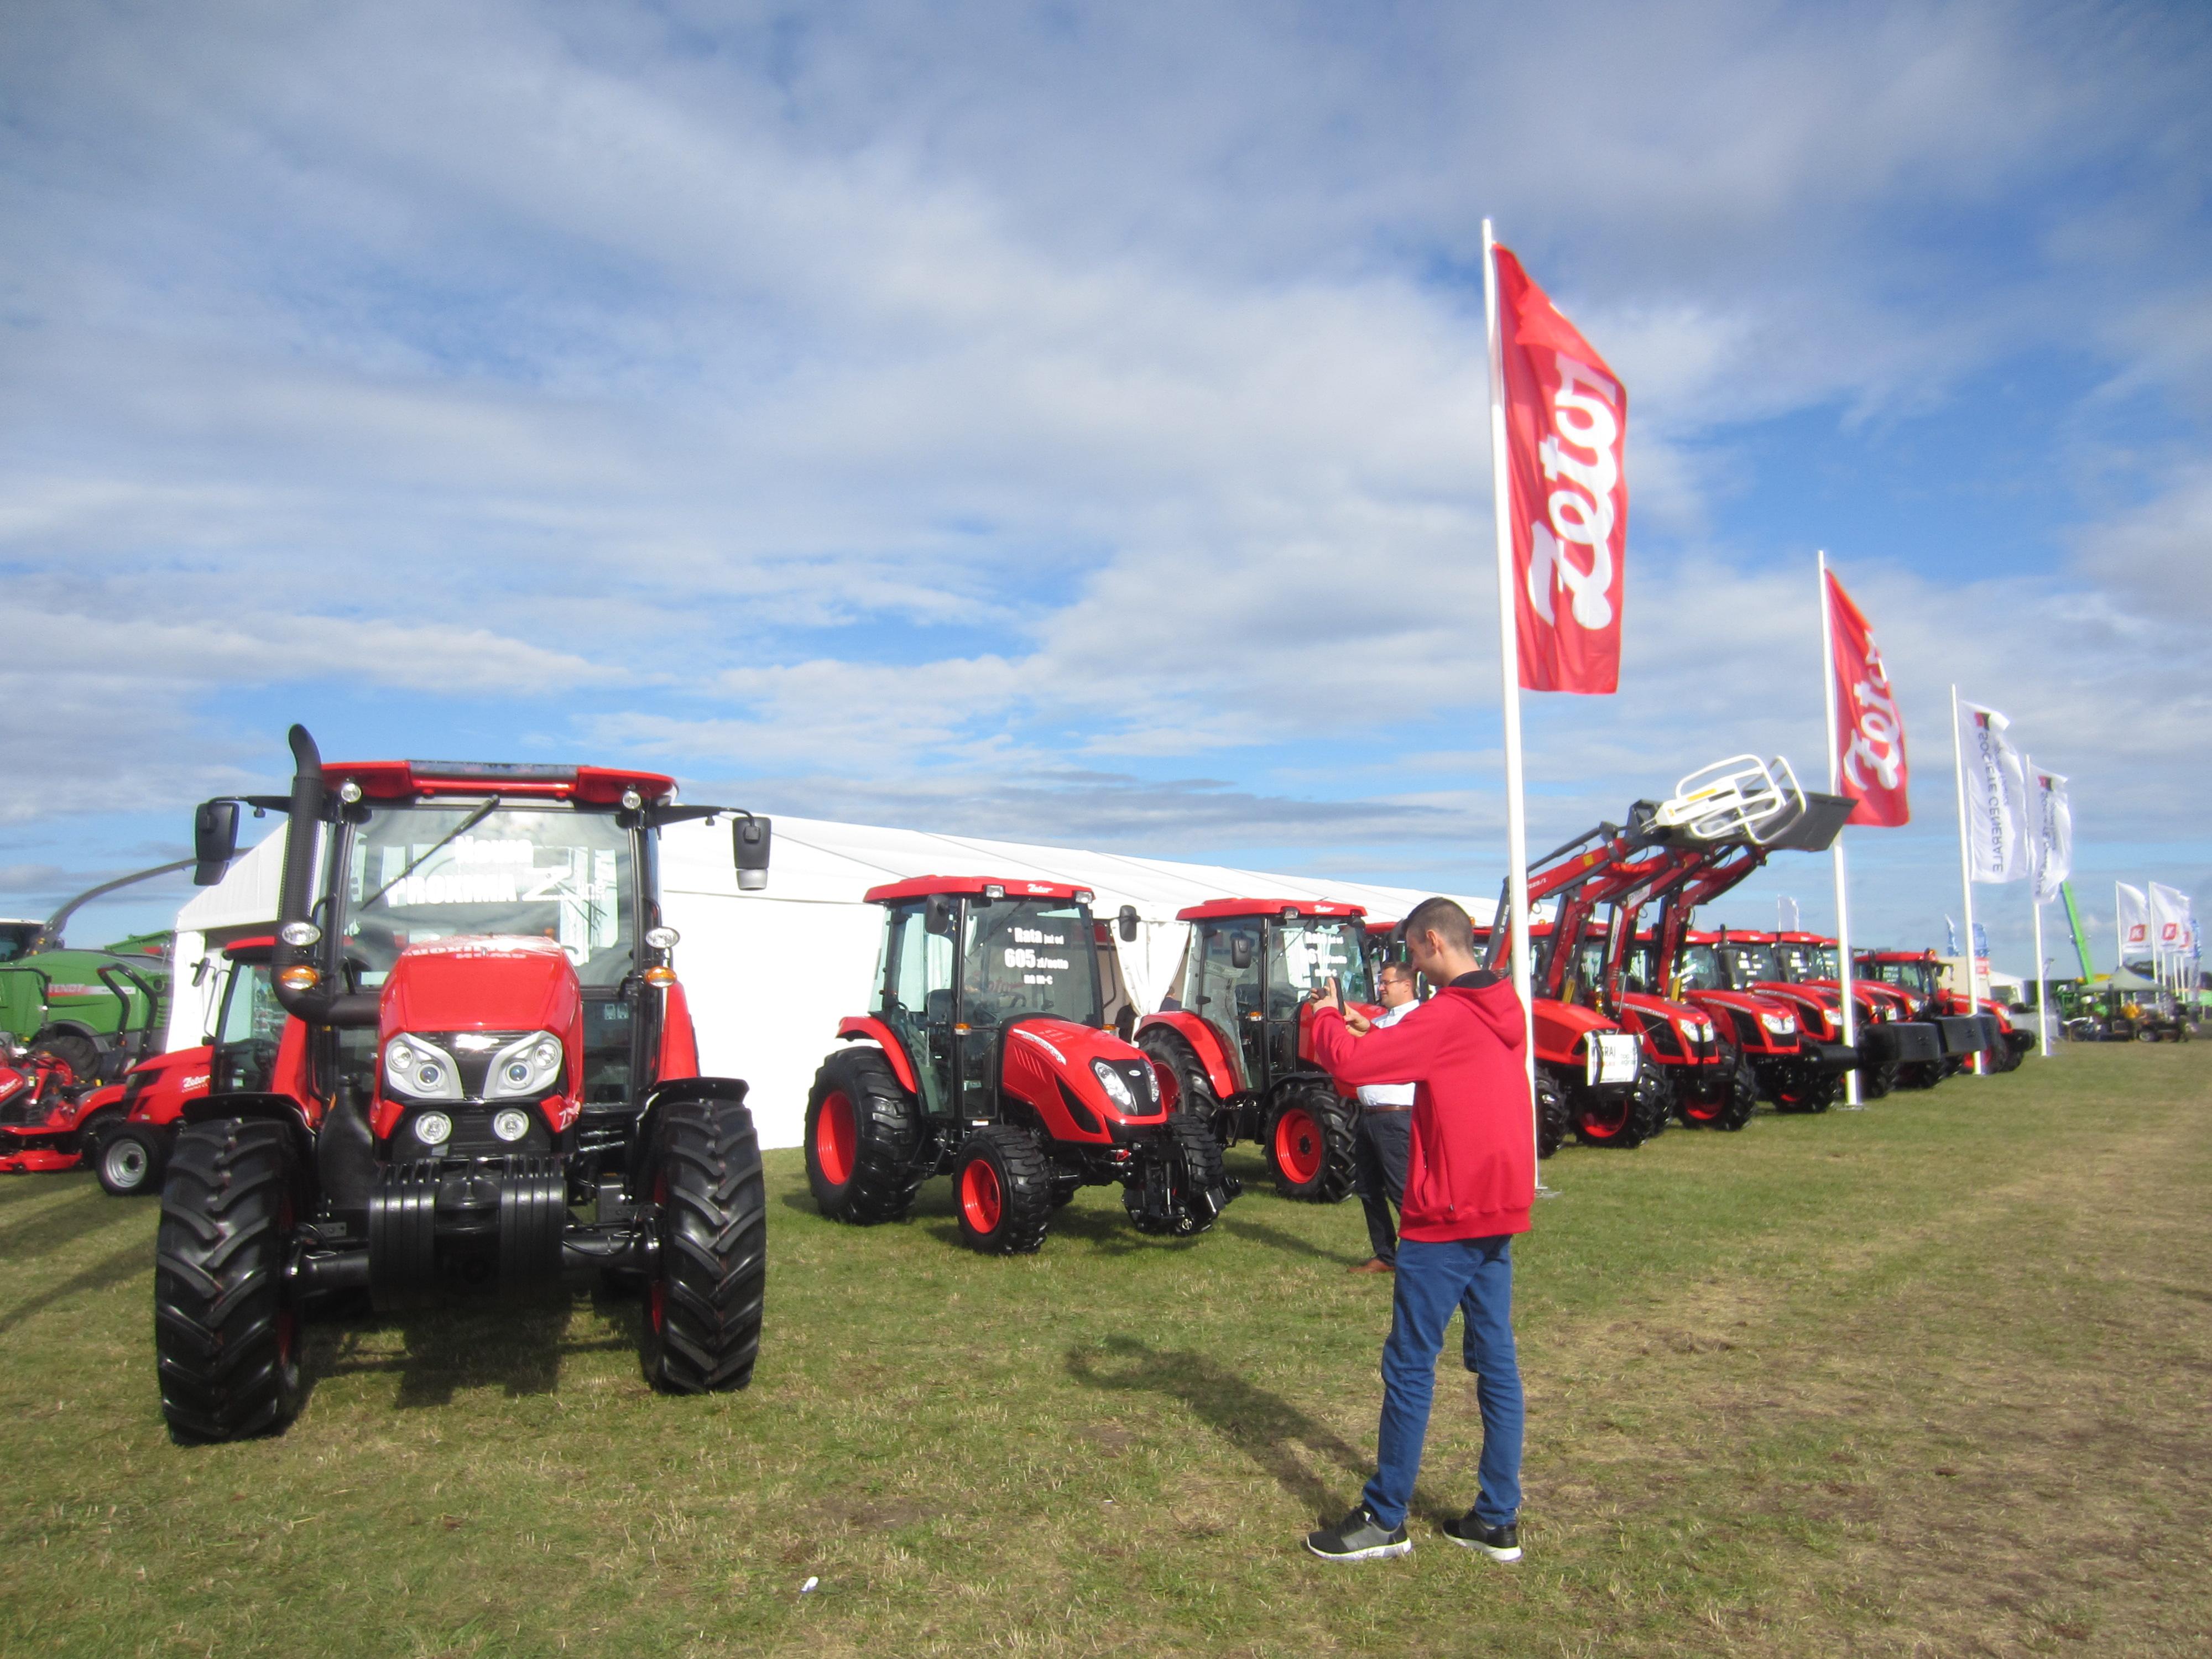 Sprzedaż ciągników rolniczych w pierwszym półroczu 2020 r.